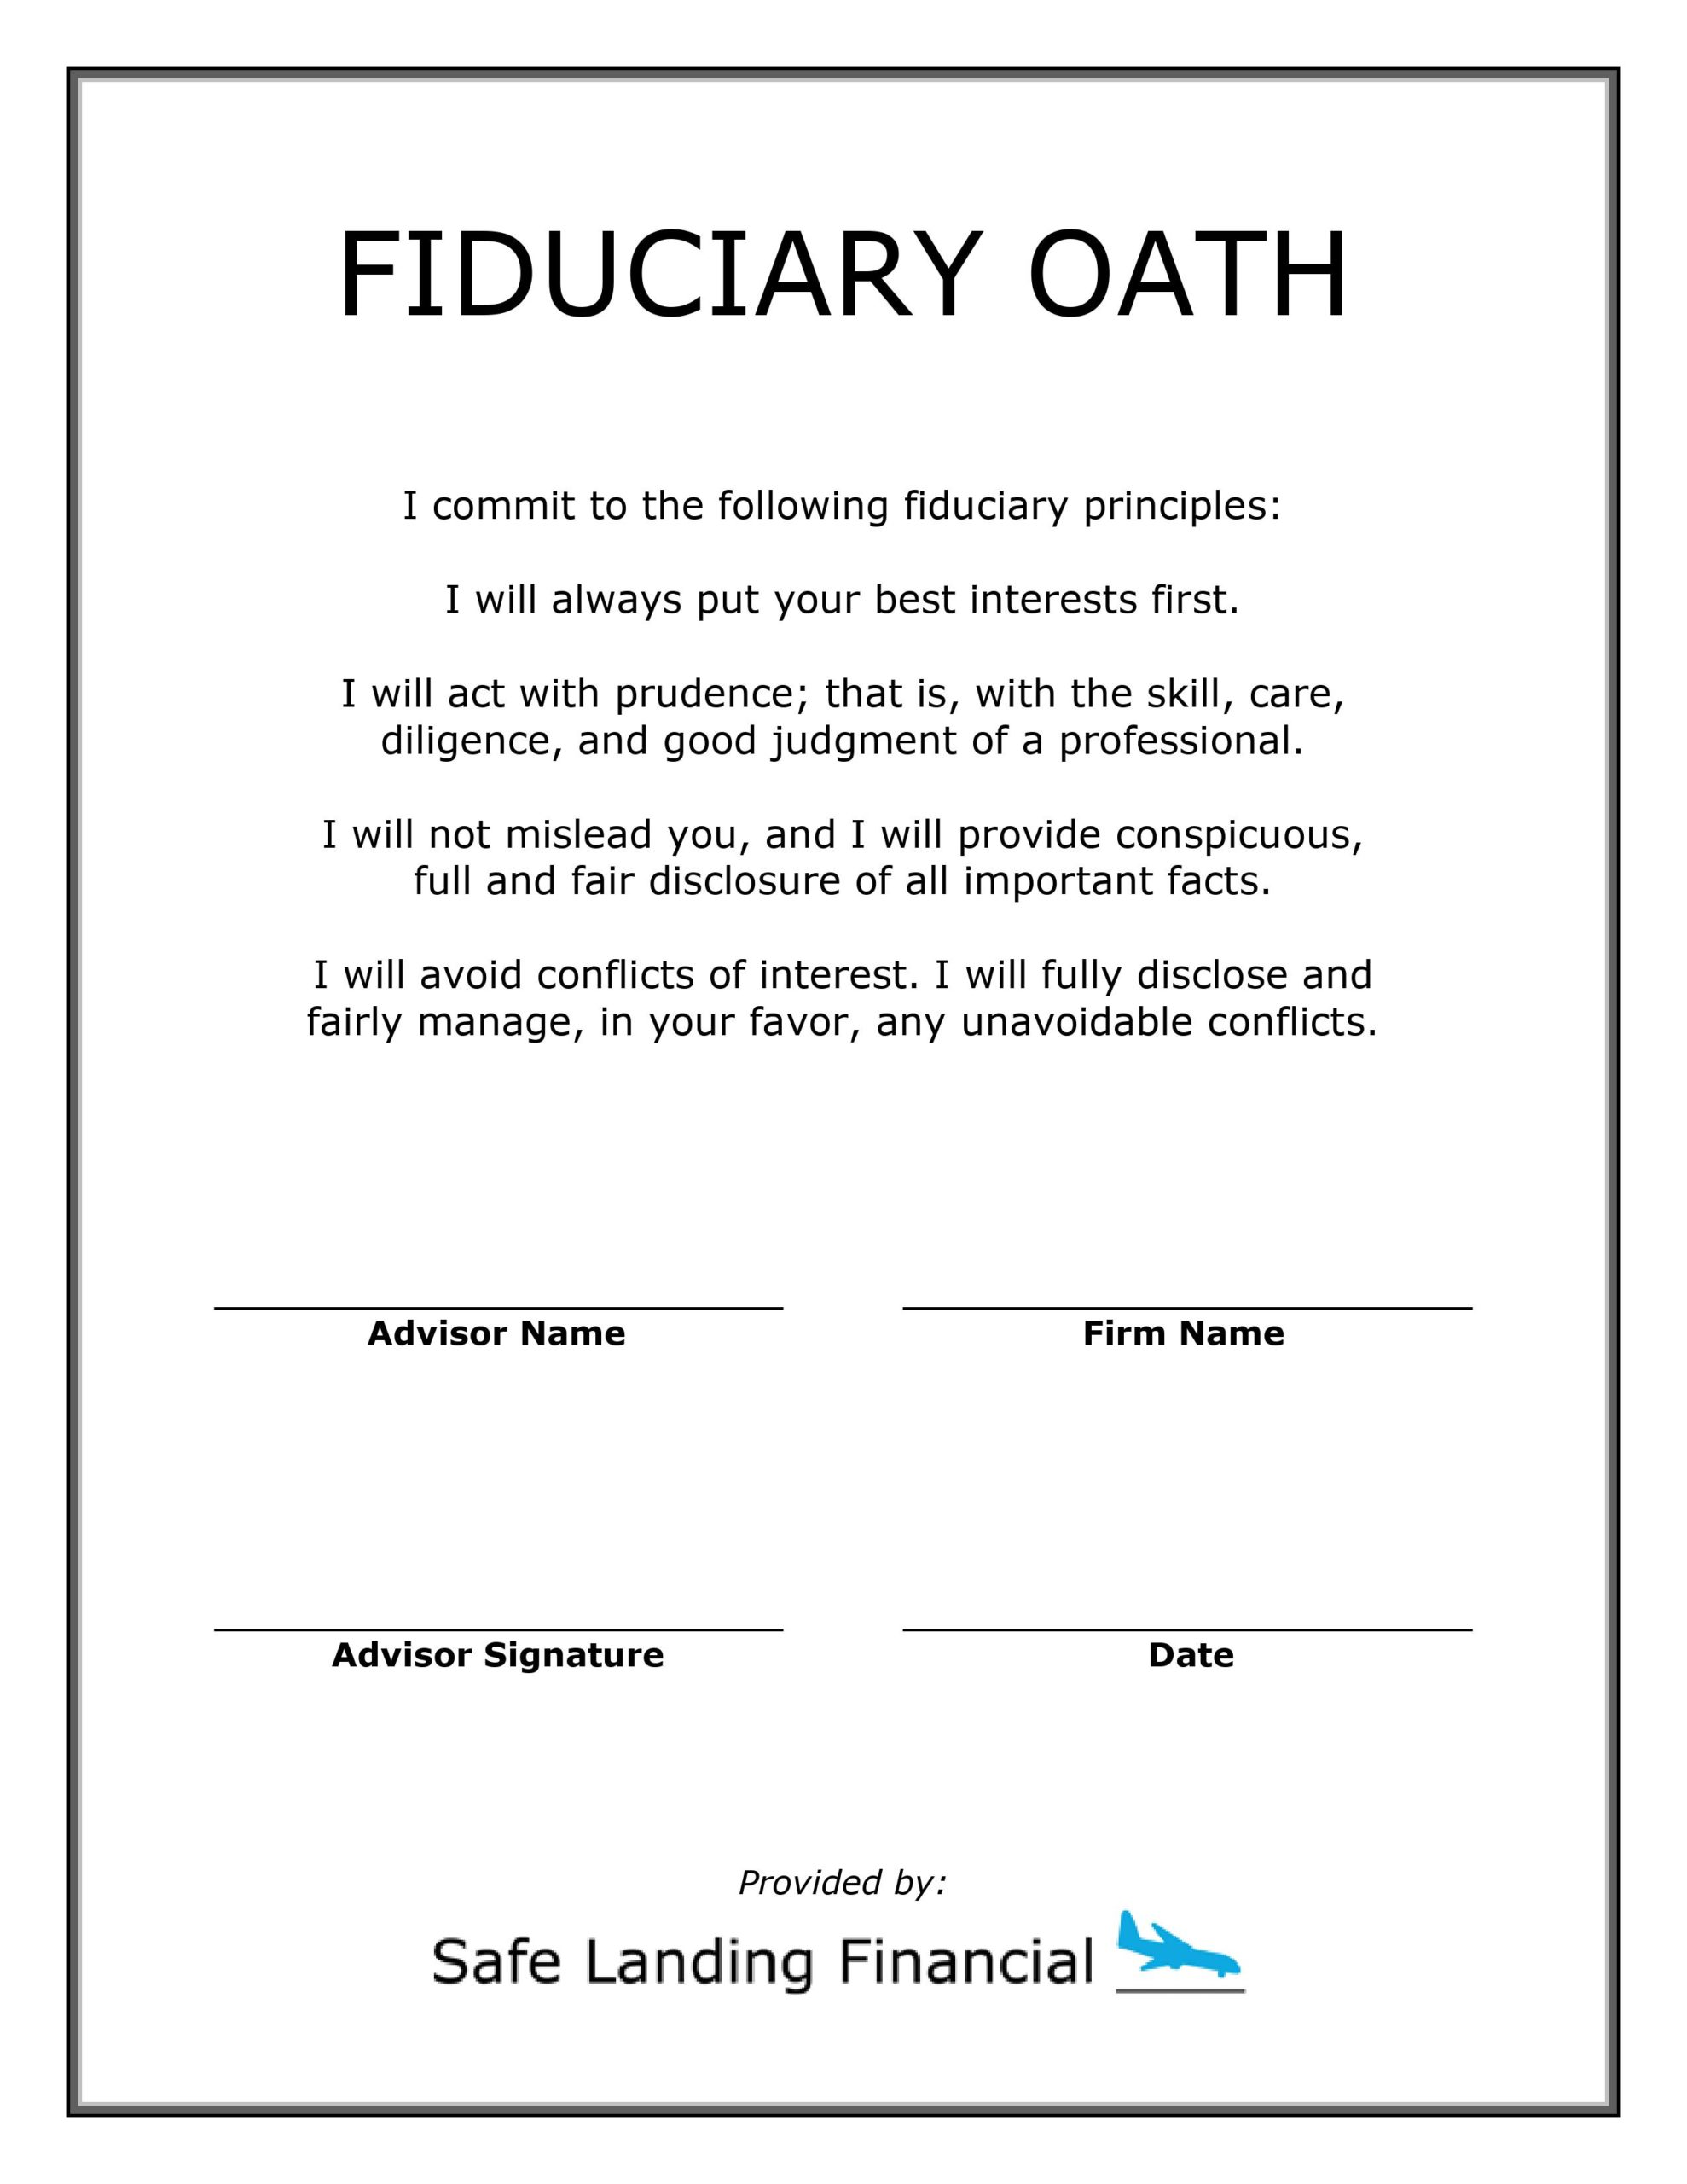 Brian Fry - Blank Oath